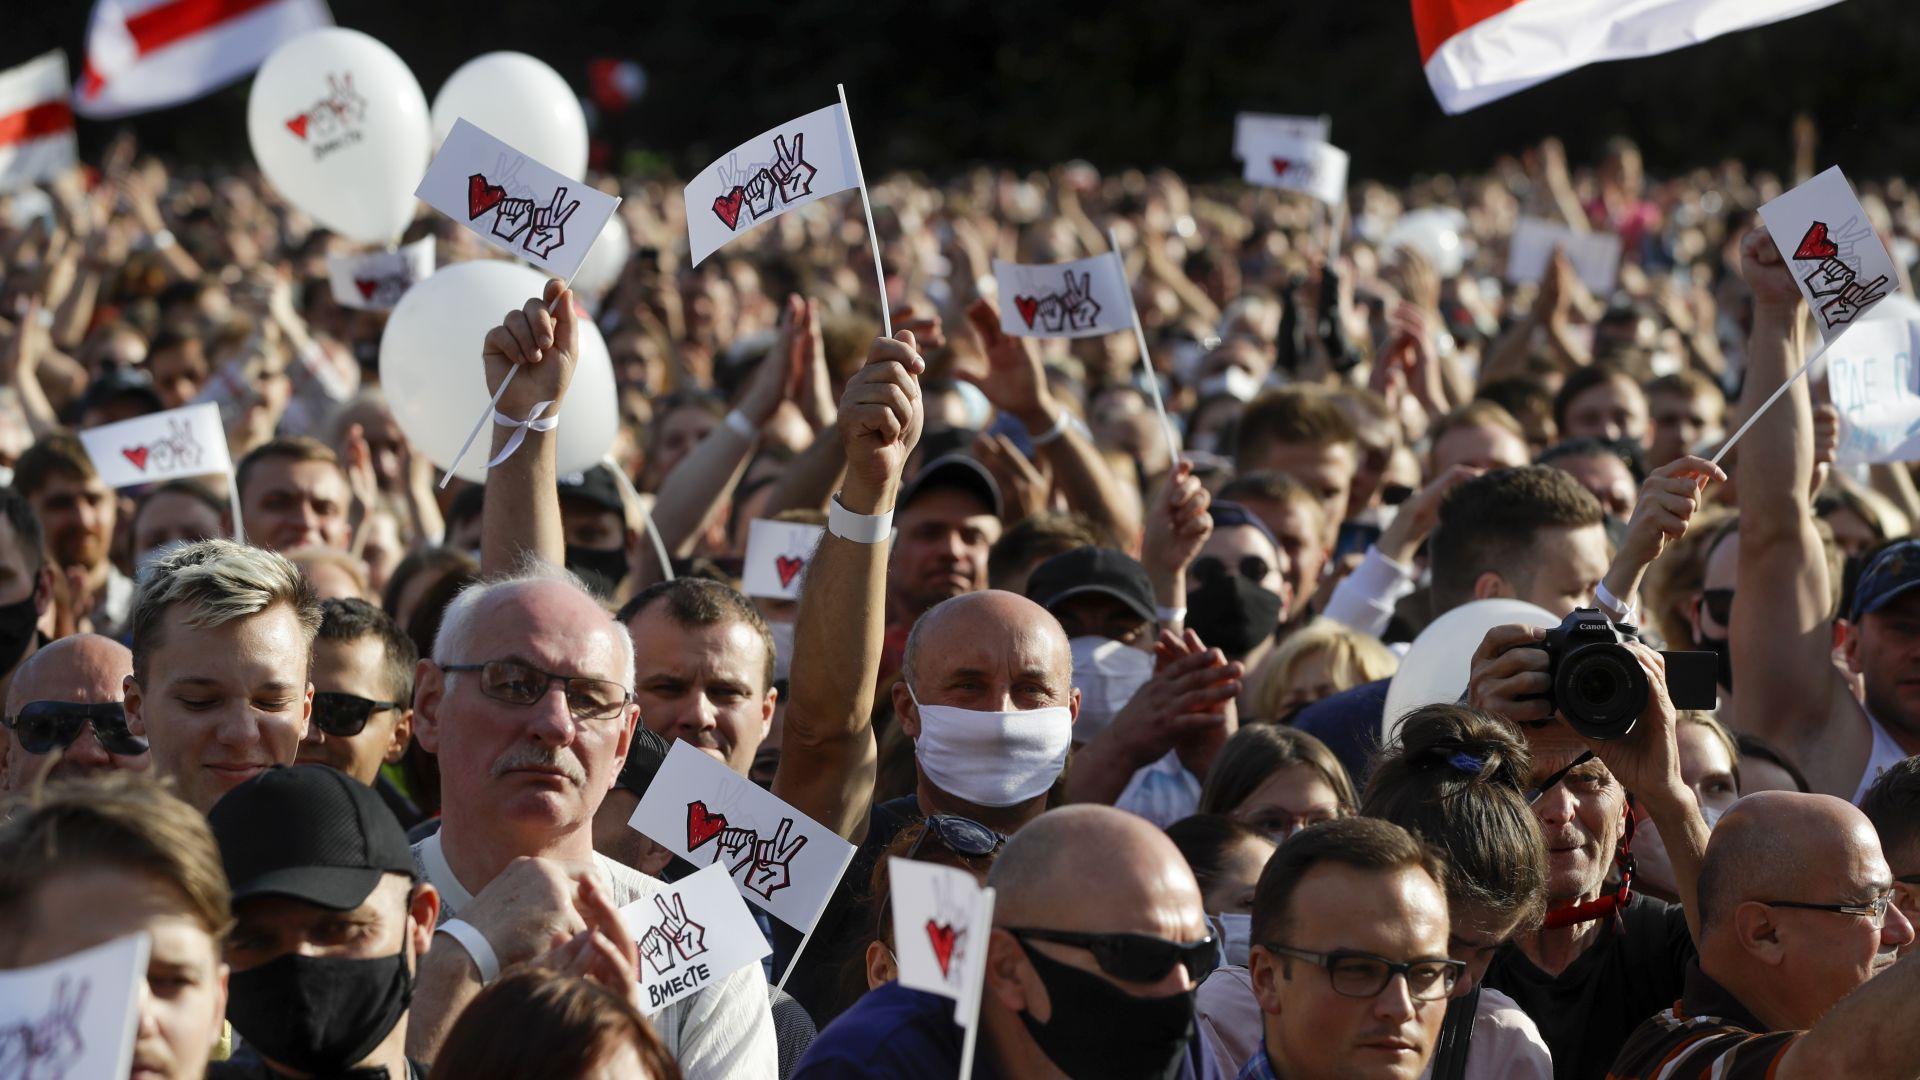 Десетки хиляди се стекоха на предизборен митинг на беларуската опозиция (снимки)